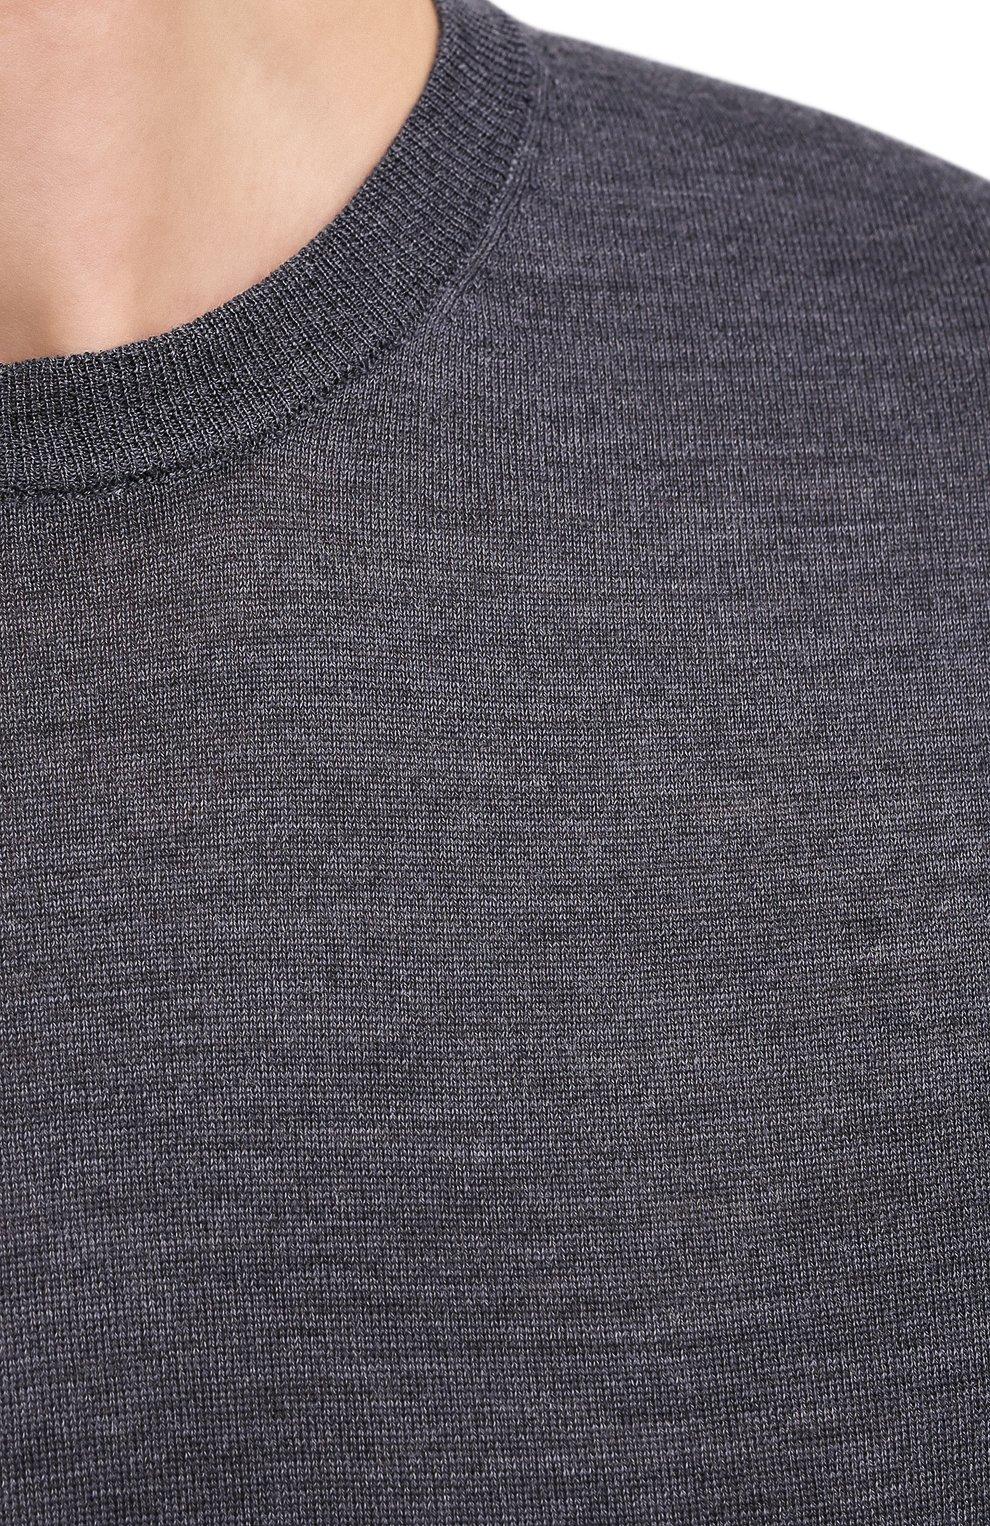 Мужской шерстяной джемпер ASPESI темно-серого цвета, арт. W0 Q M249 4831   Фото 5 (Мужское Кросс-КТ: Джемперы; Материал внешний: Шерсть; Рукава: Длинные; Принт: Без принта; Длина (для топов): Стандартные; Вырез: Круглый; Стили: Кэжуэл)